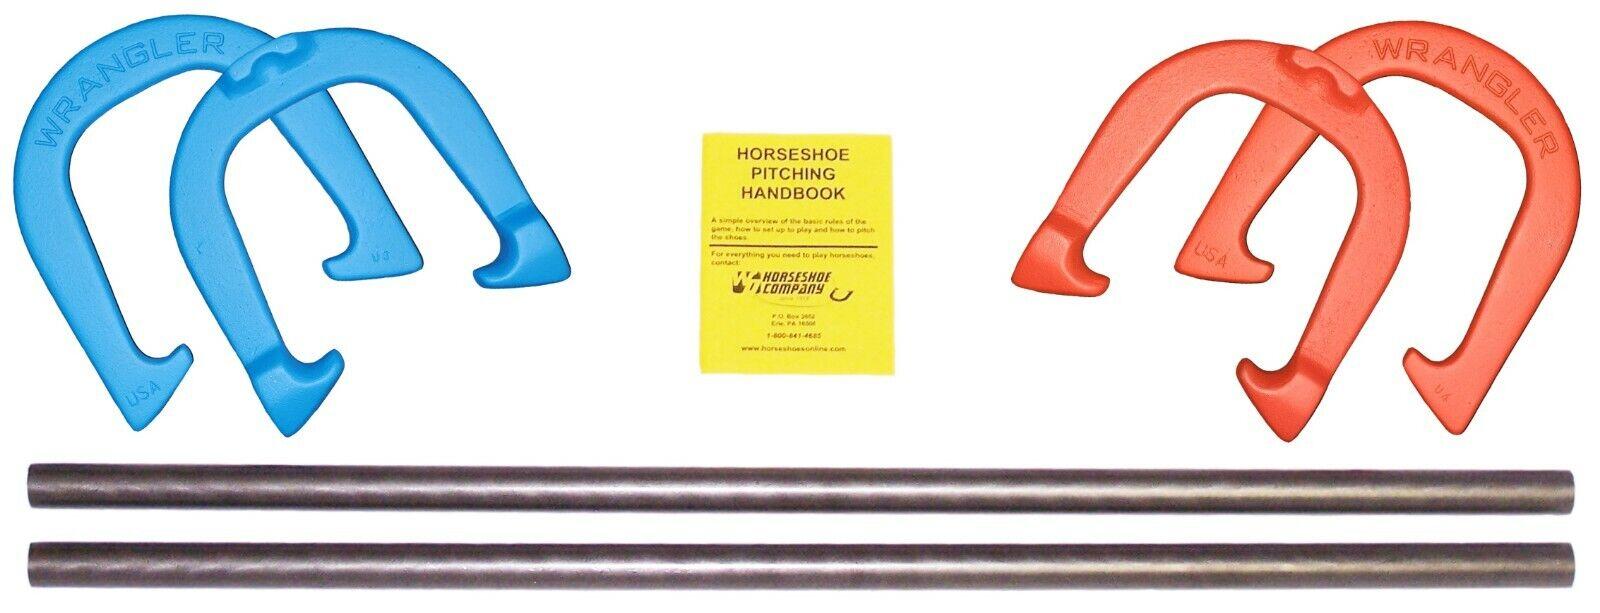 Wrangler altamente durable Pro pitcheo Herraduras-Conjunto de juego, hecho en EE. UU.